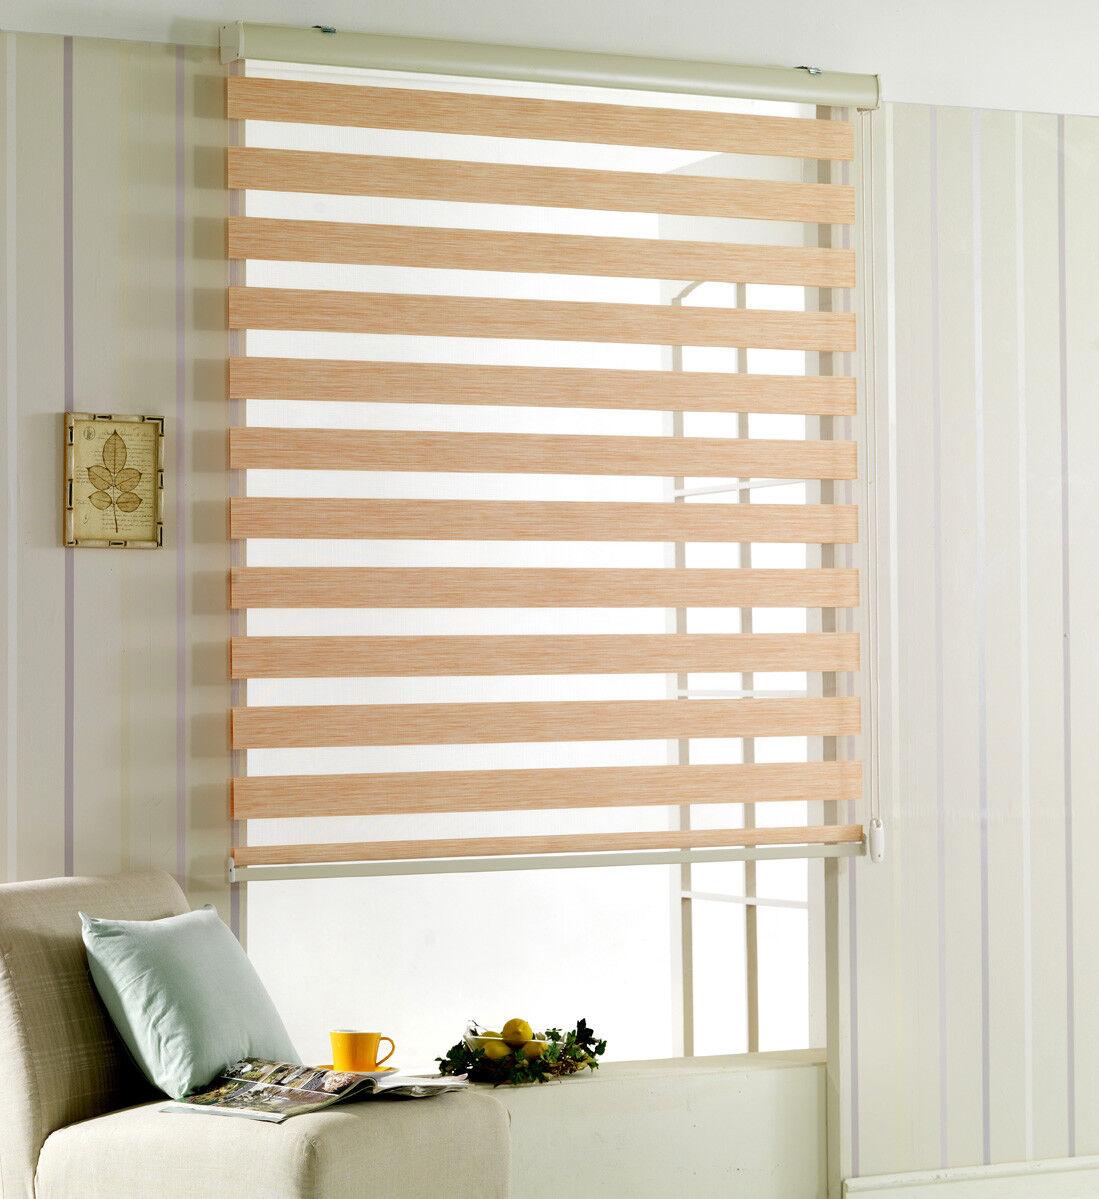 Woodlook Roller Blind Zebra  window  Grünical Curtain horizontal treatment 1